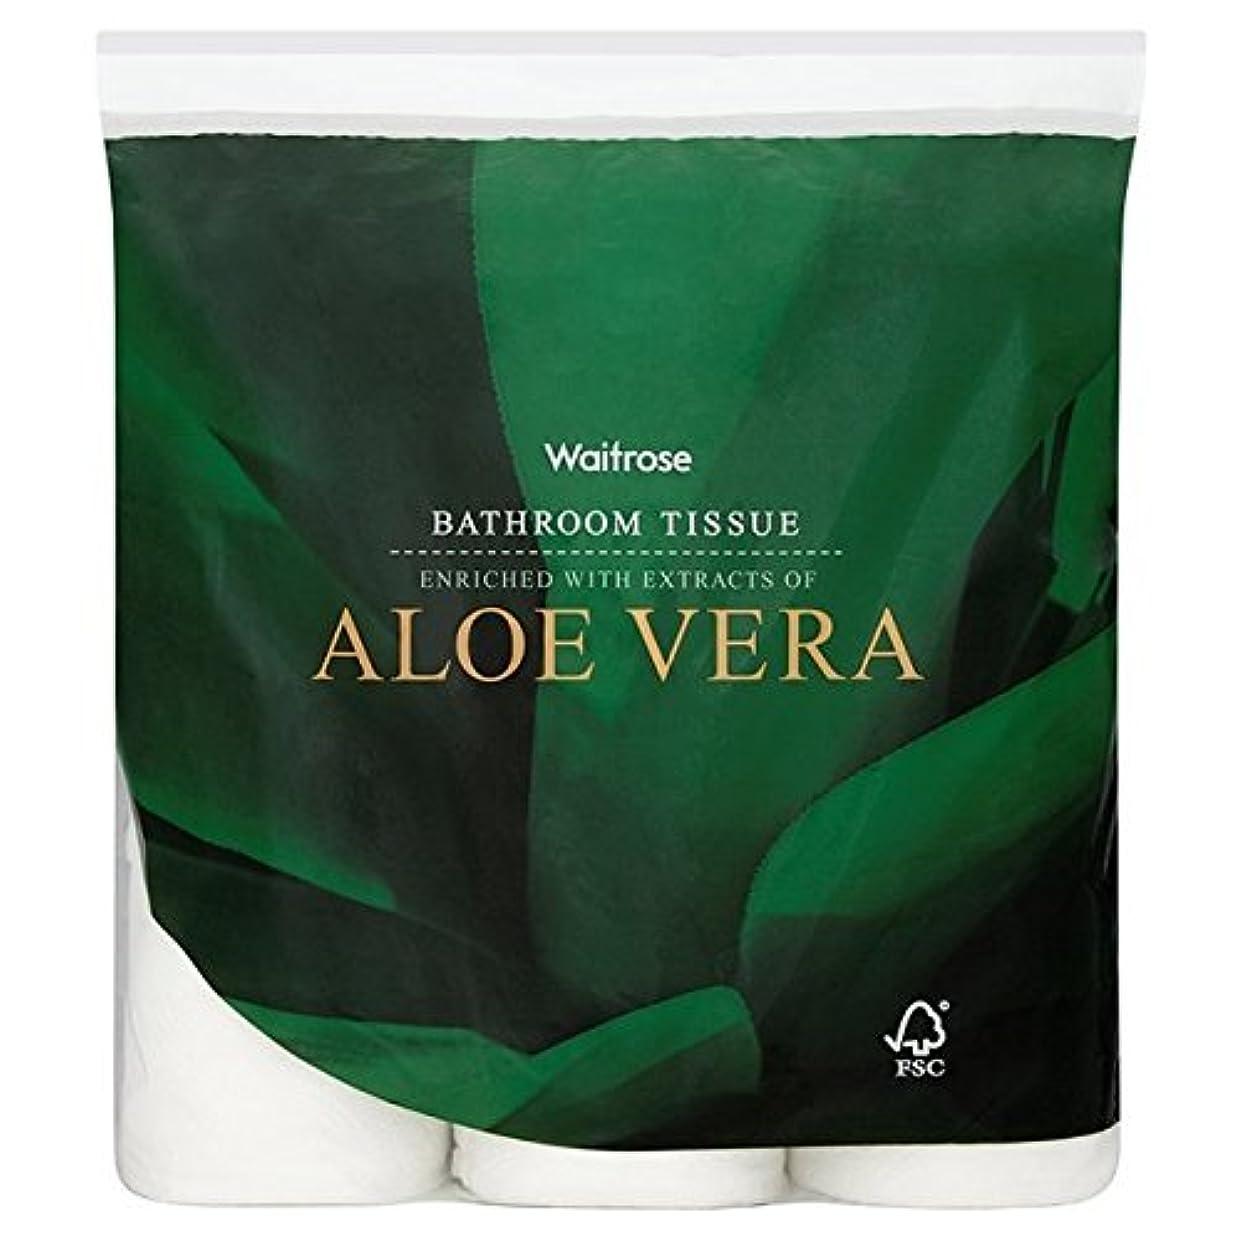 急行するジャケット郡パックあたりアロエベラ浴室組織白ウェイトローズ9 x2 - Aloe Vera Bathroom Tissue White Waitrose 9 per pack (Pack of 2) [並行輸入品]